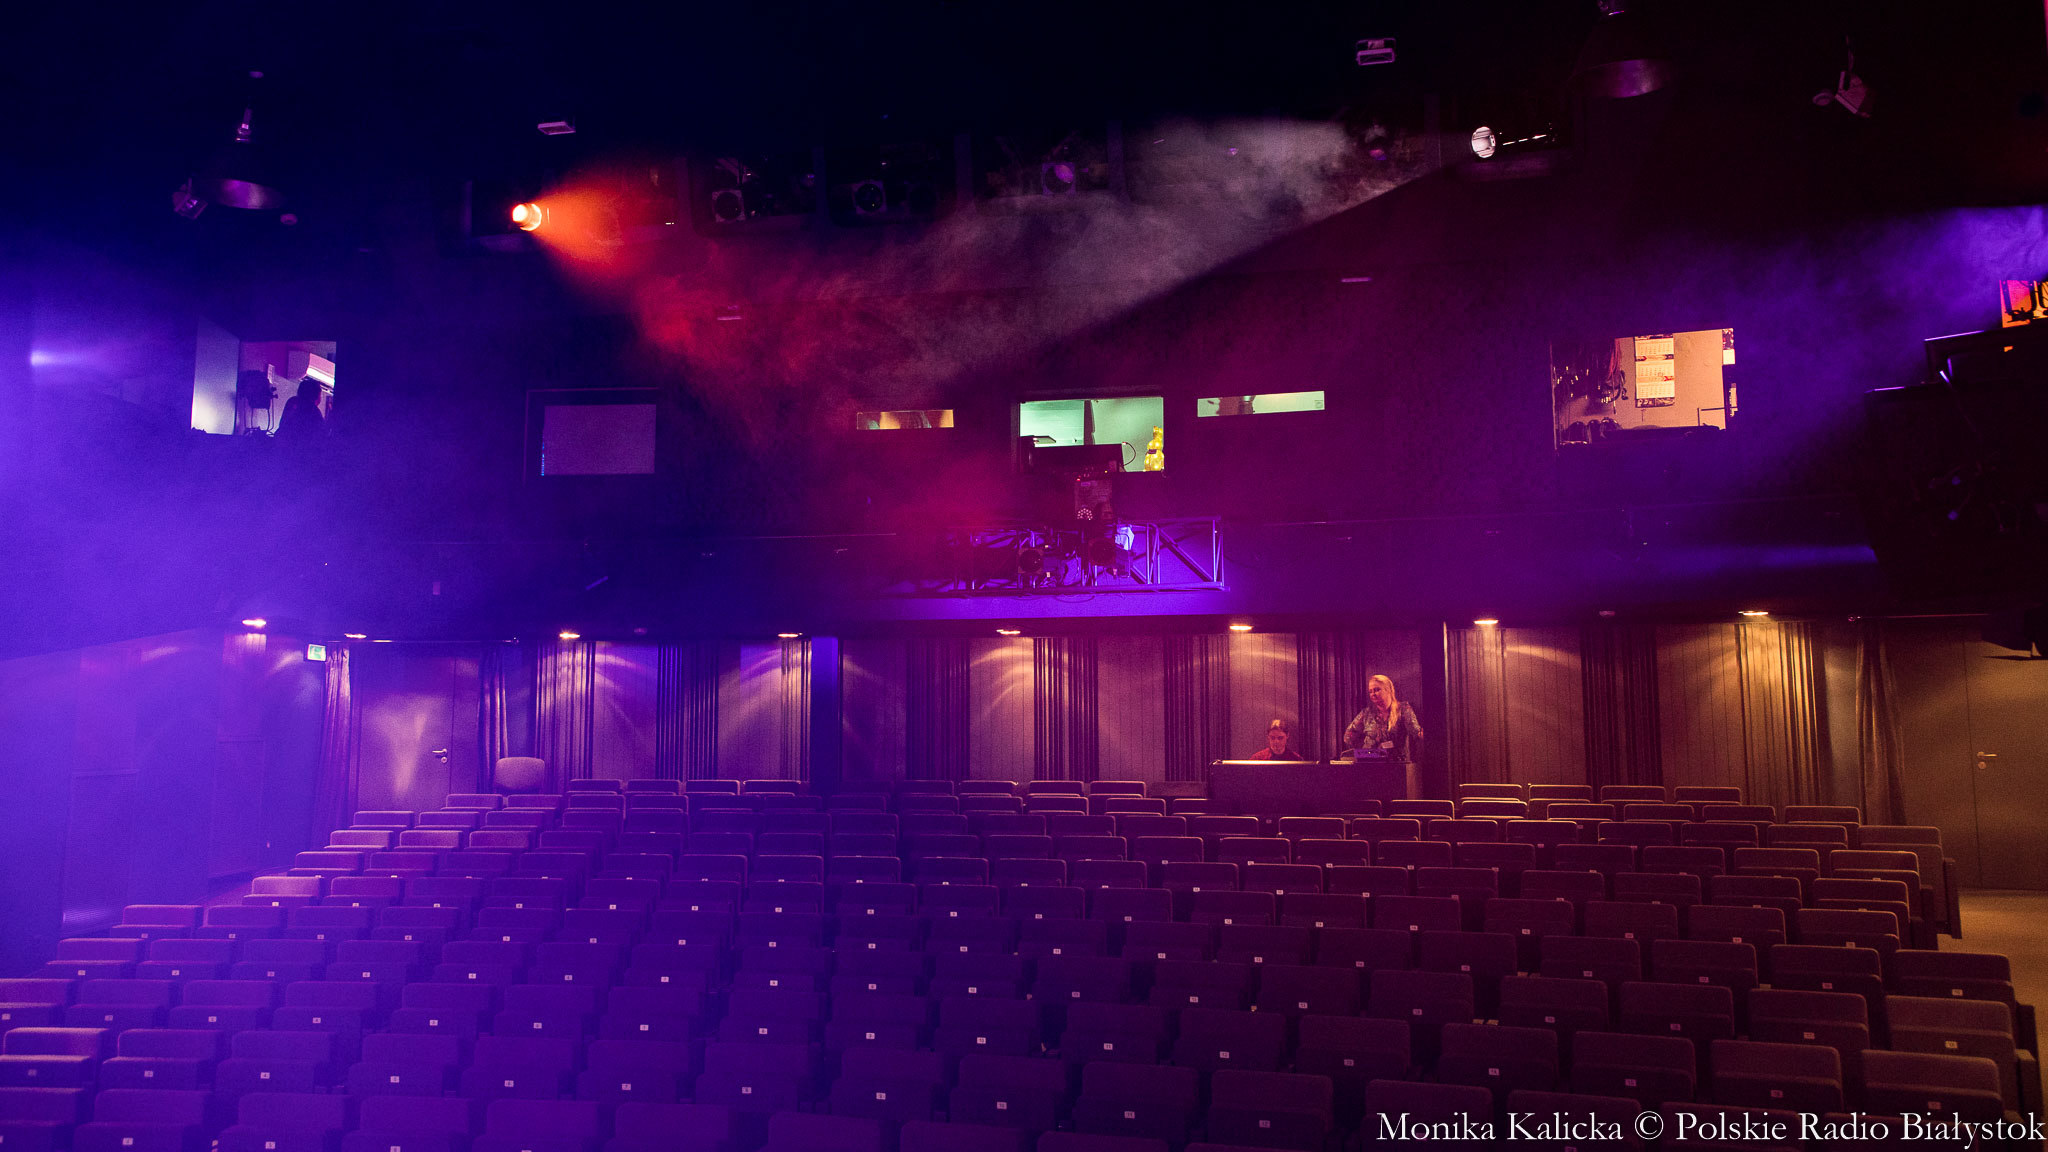 Dzień otwarty w Białostockim Teatrze Lalek, fot. Monika Kalicka